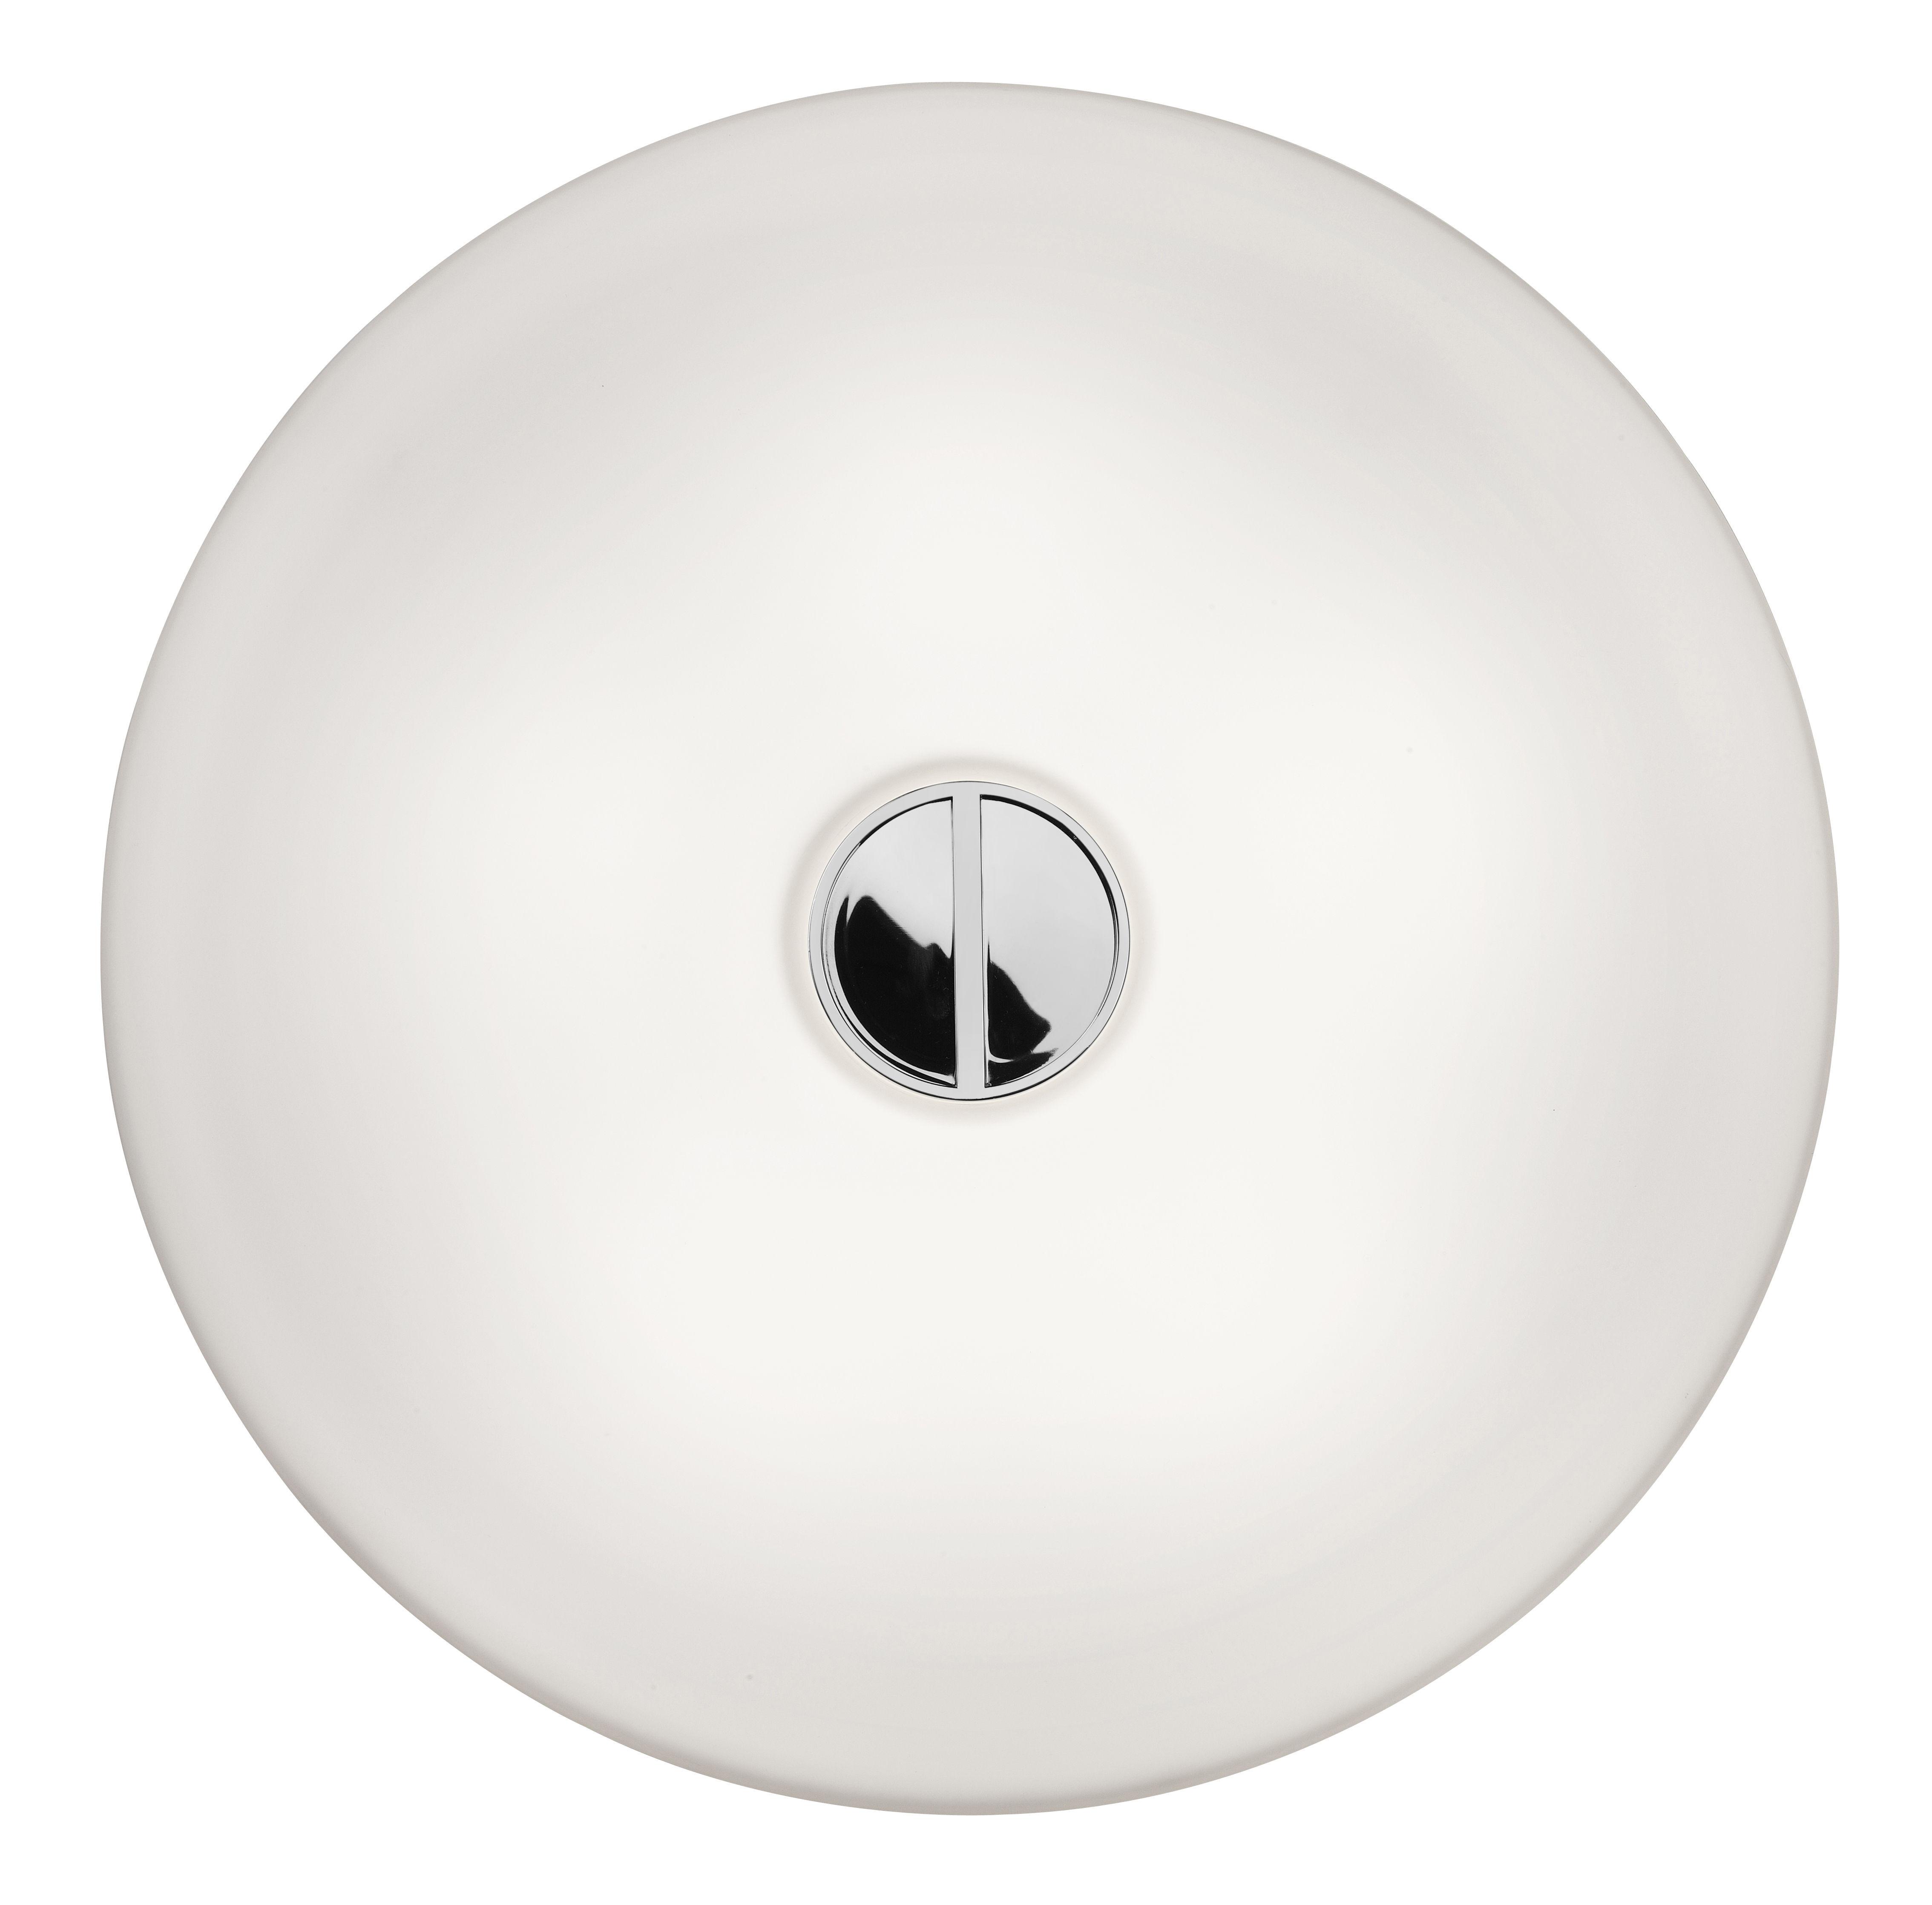 Leuchten - Wandleuchten - Mini Button Outdoor-Wandleuchte - Flos - Weiß / weiß - Glas